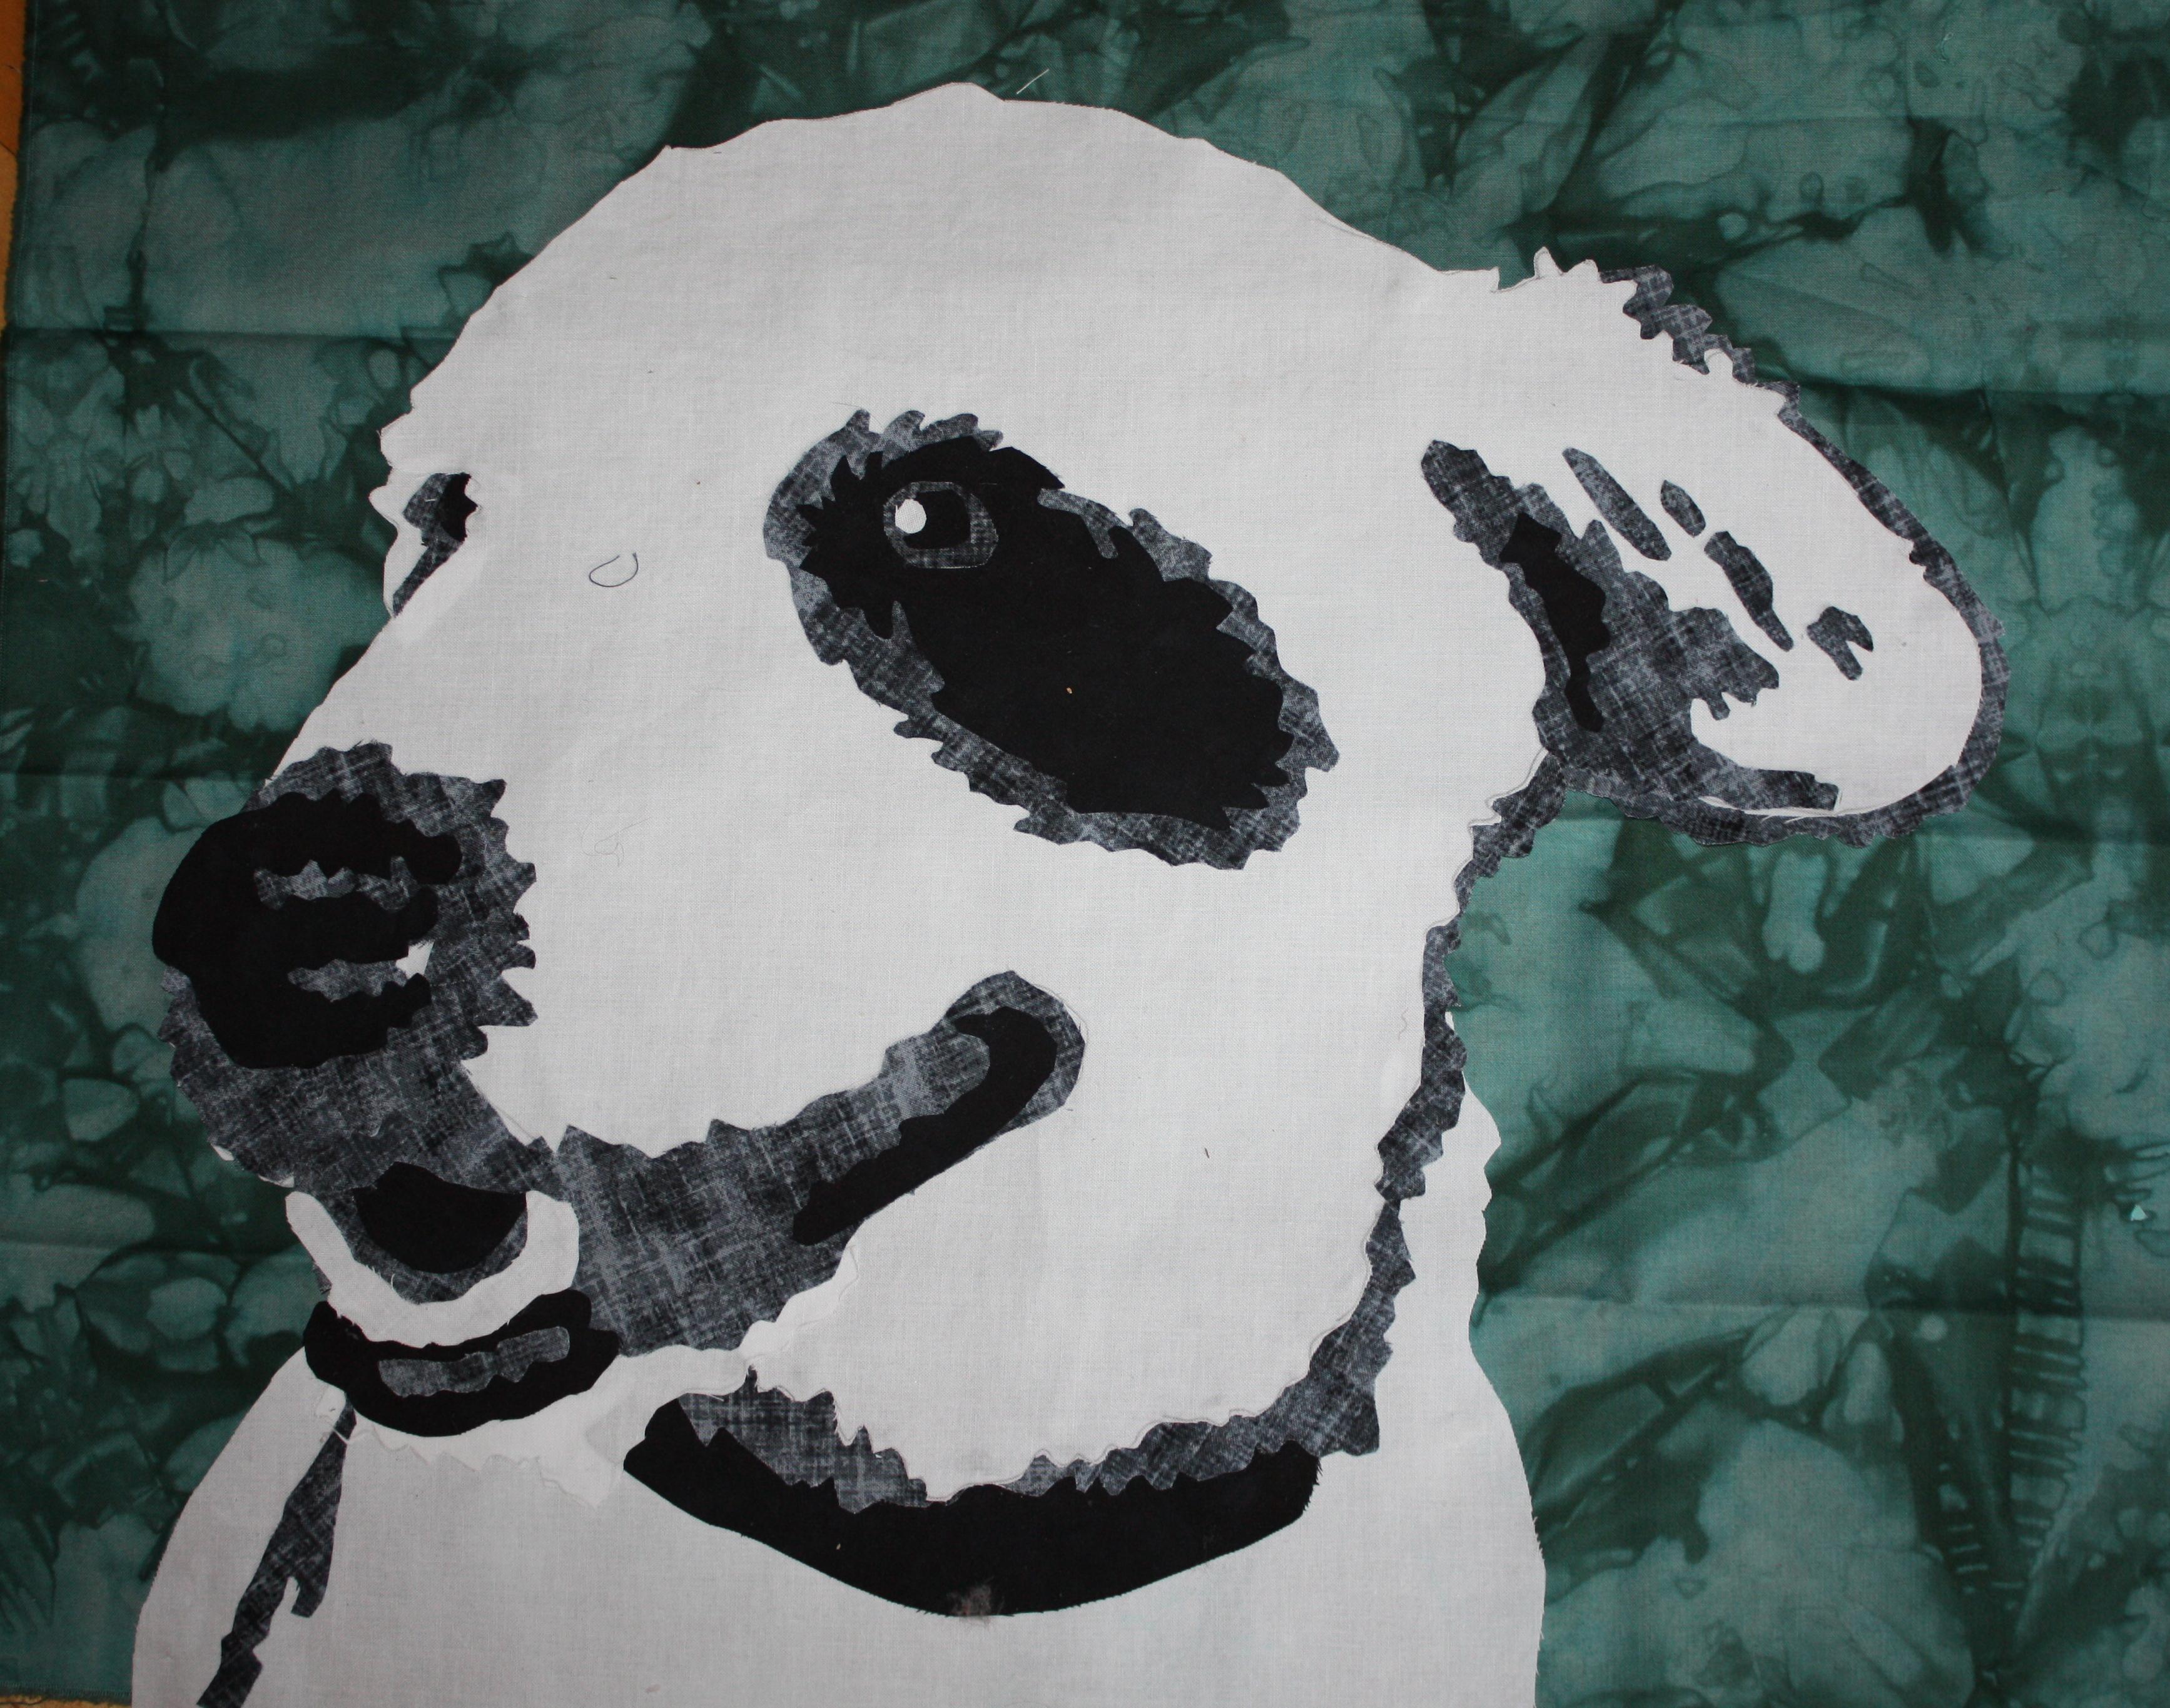 Bullseye in black and white